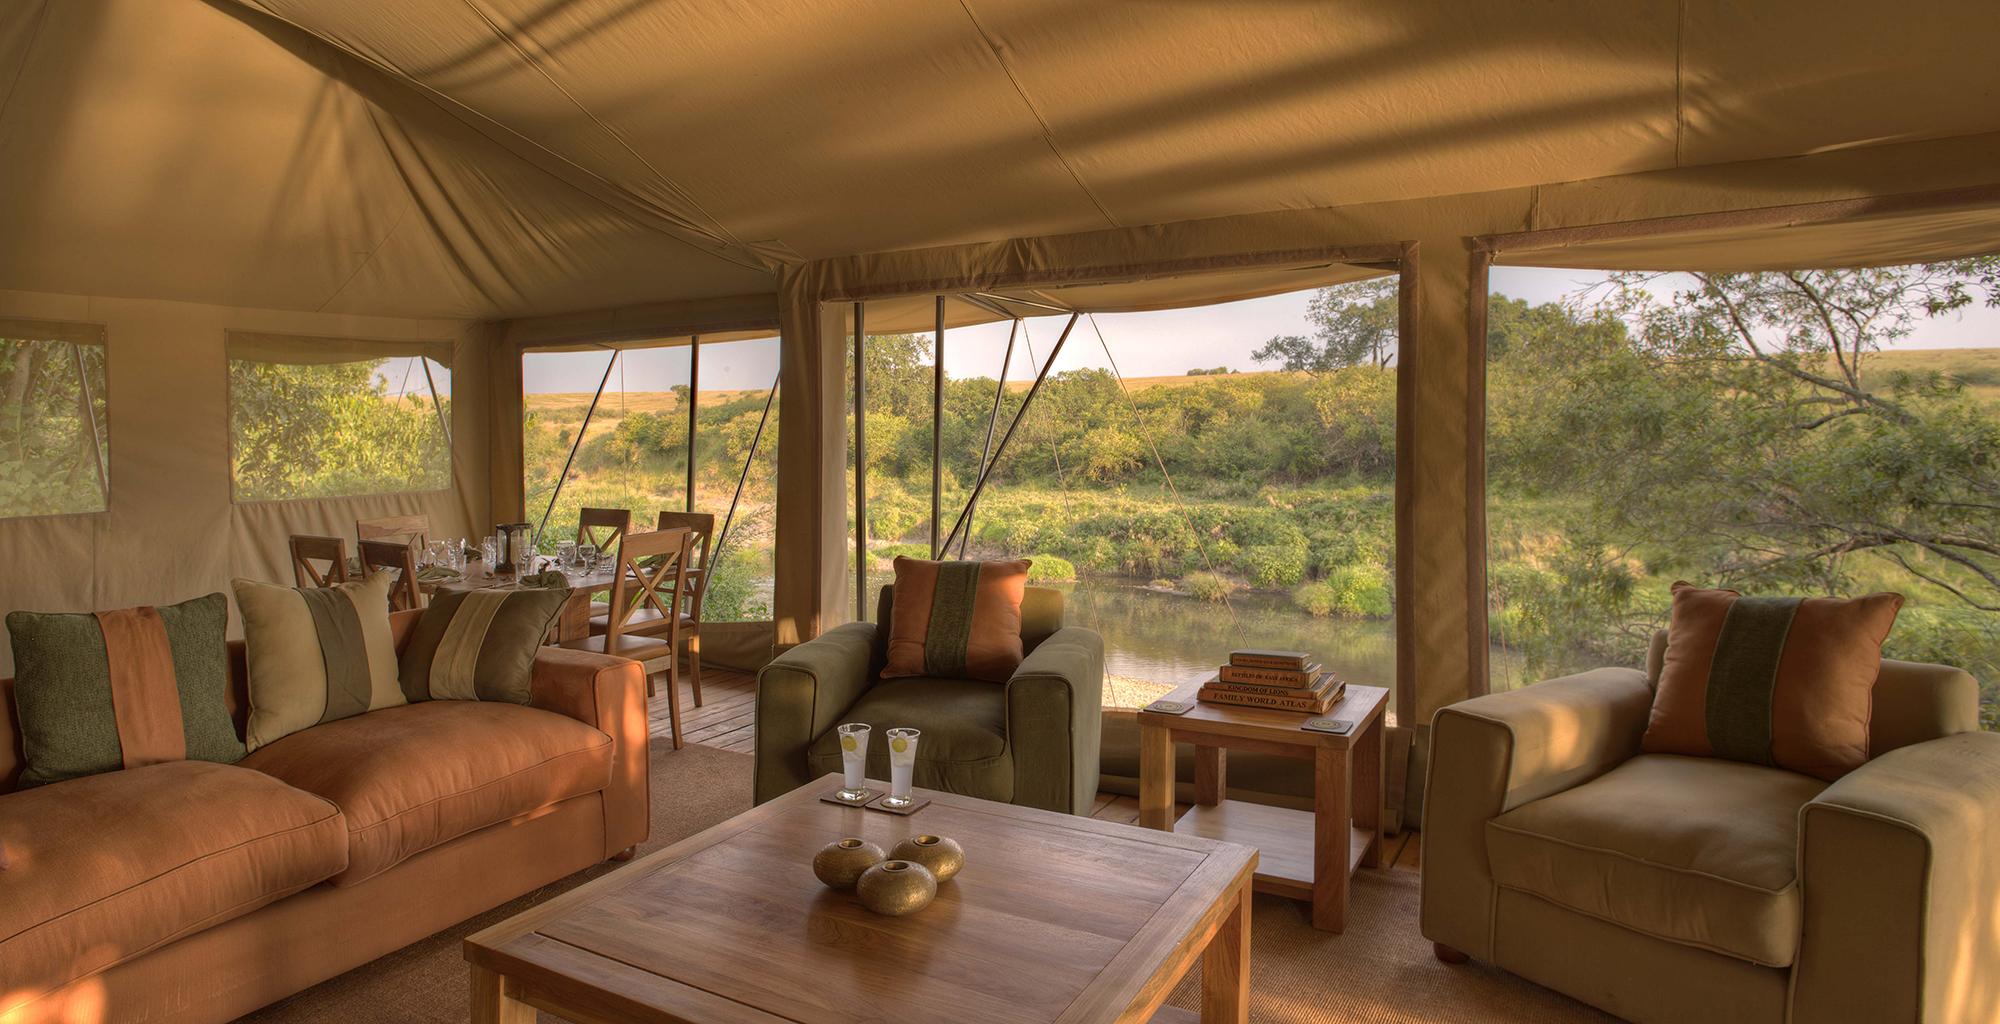 Kenya-Rekero-Tent-Camp-Lounge